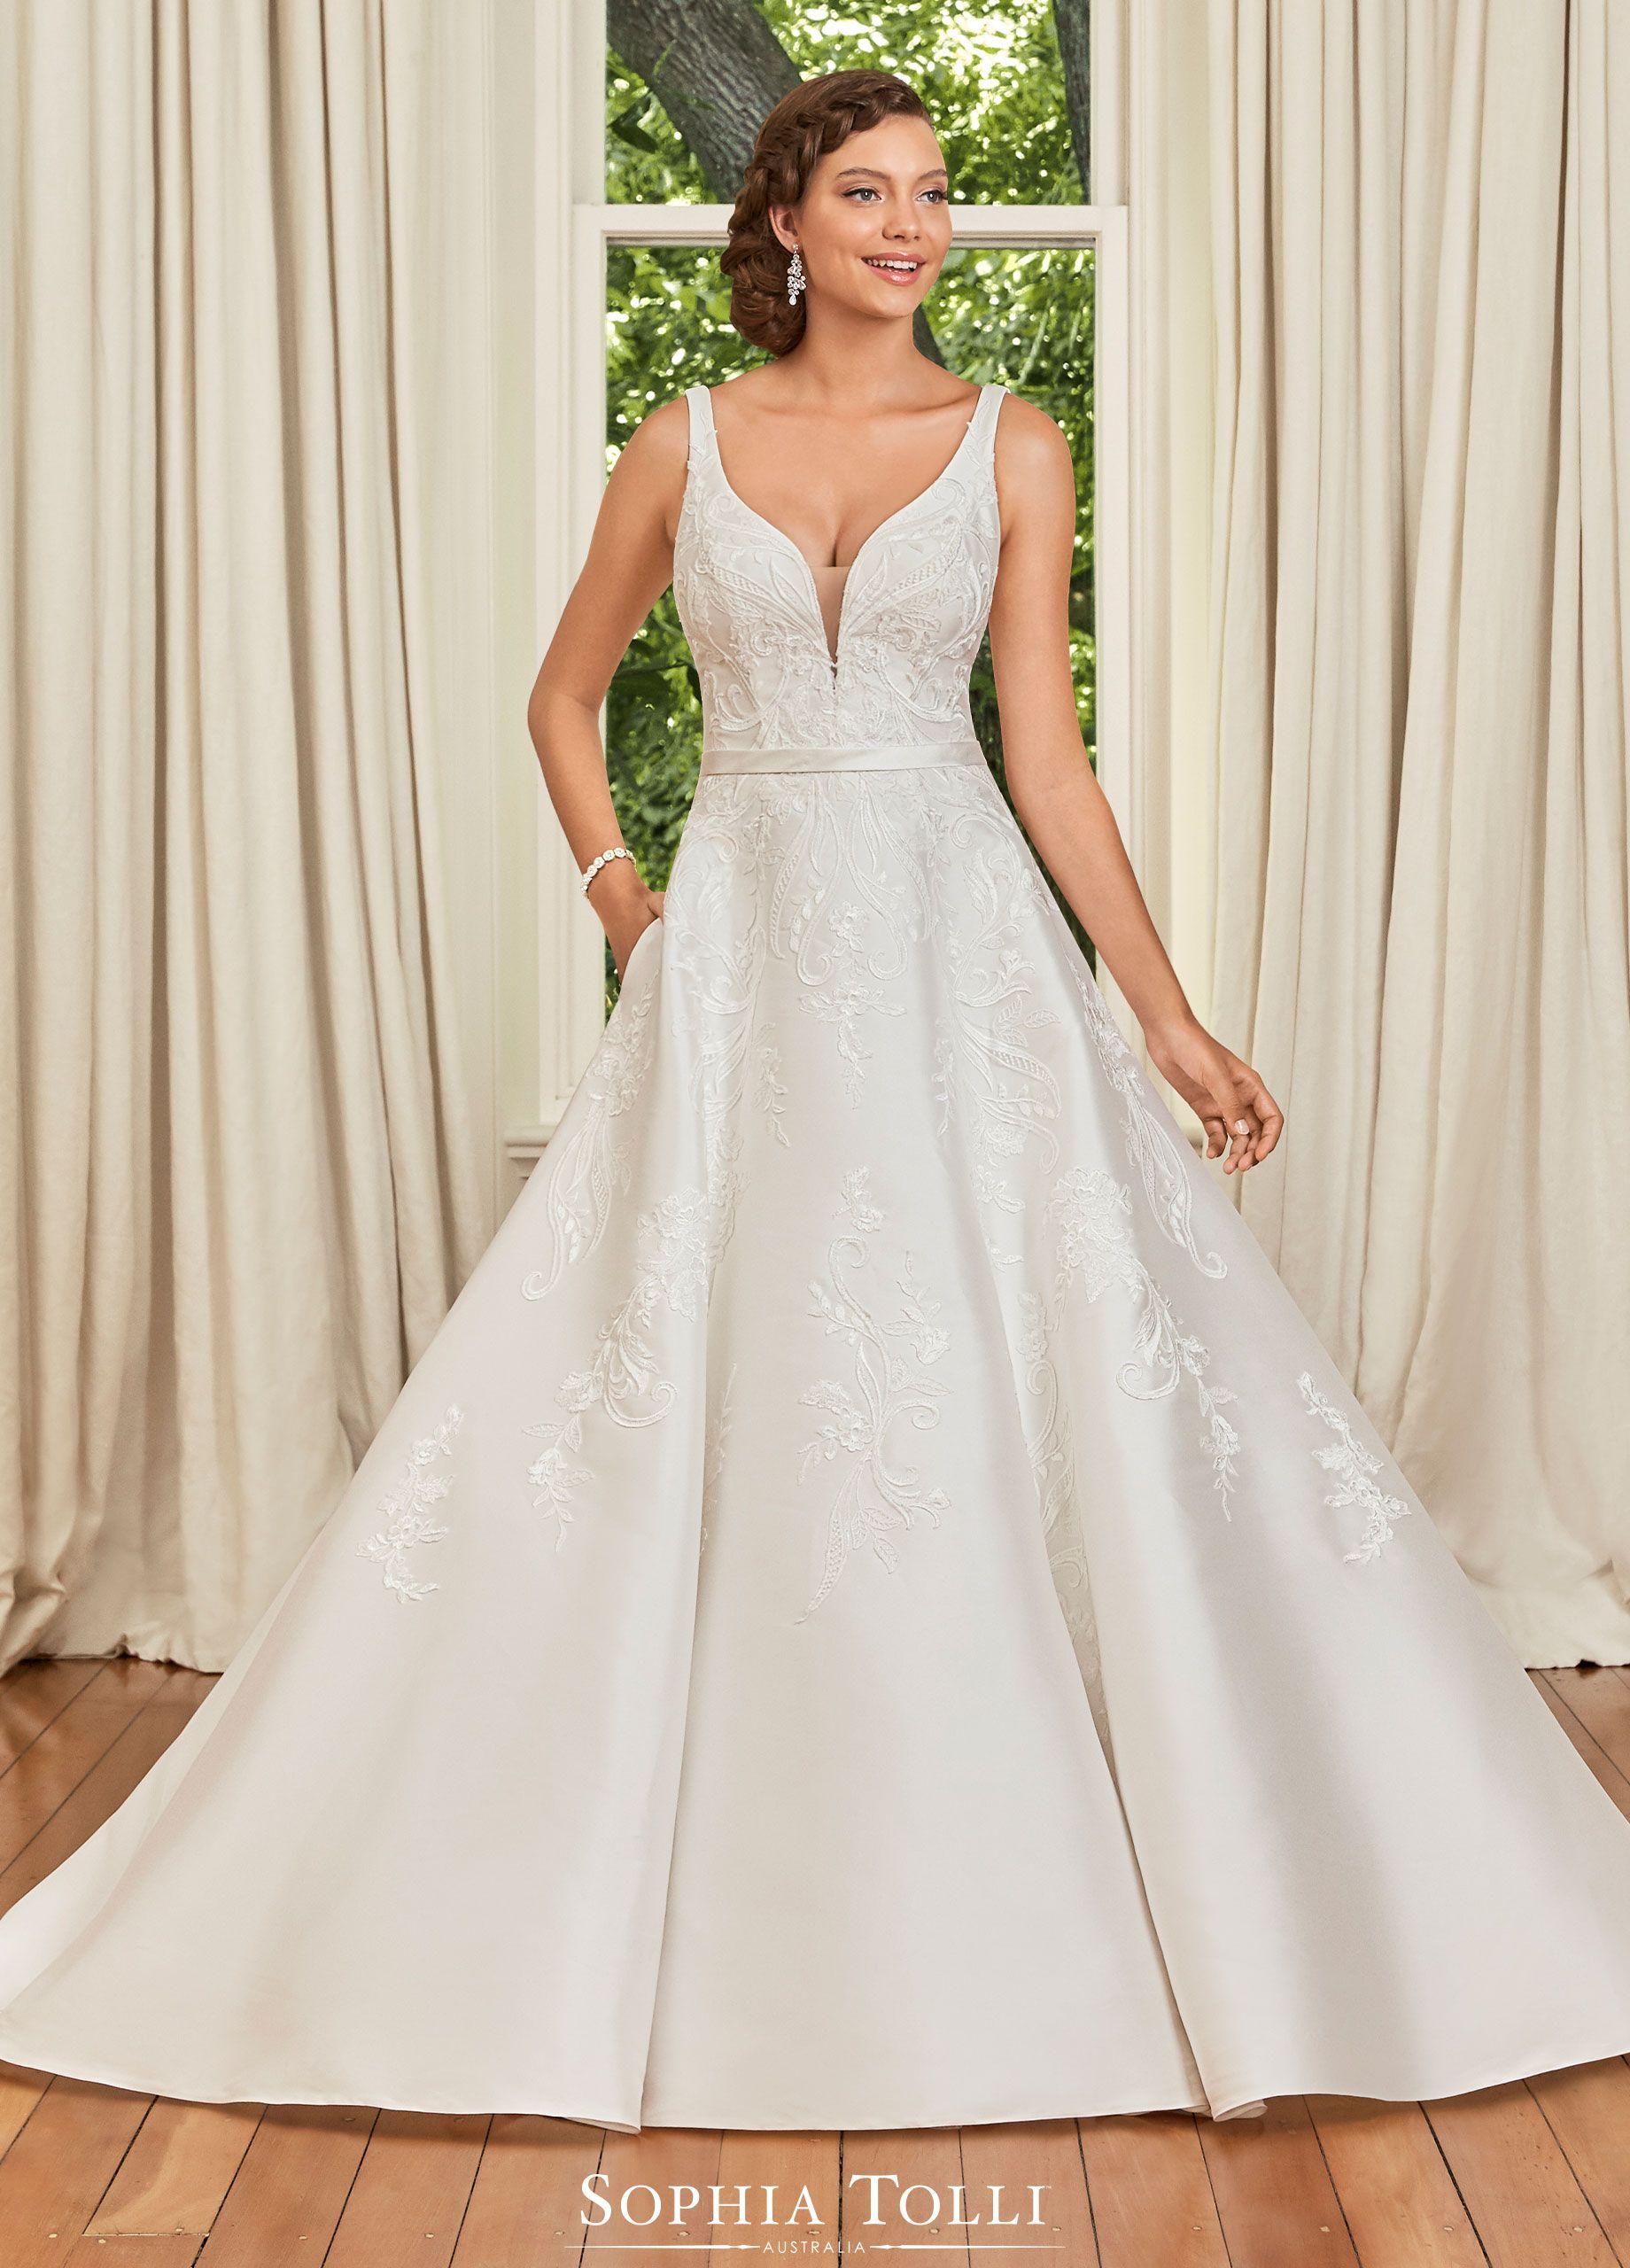 Sophia Tolli Wedding Gowns Y21970a Natalie Wedding Dresses